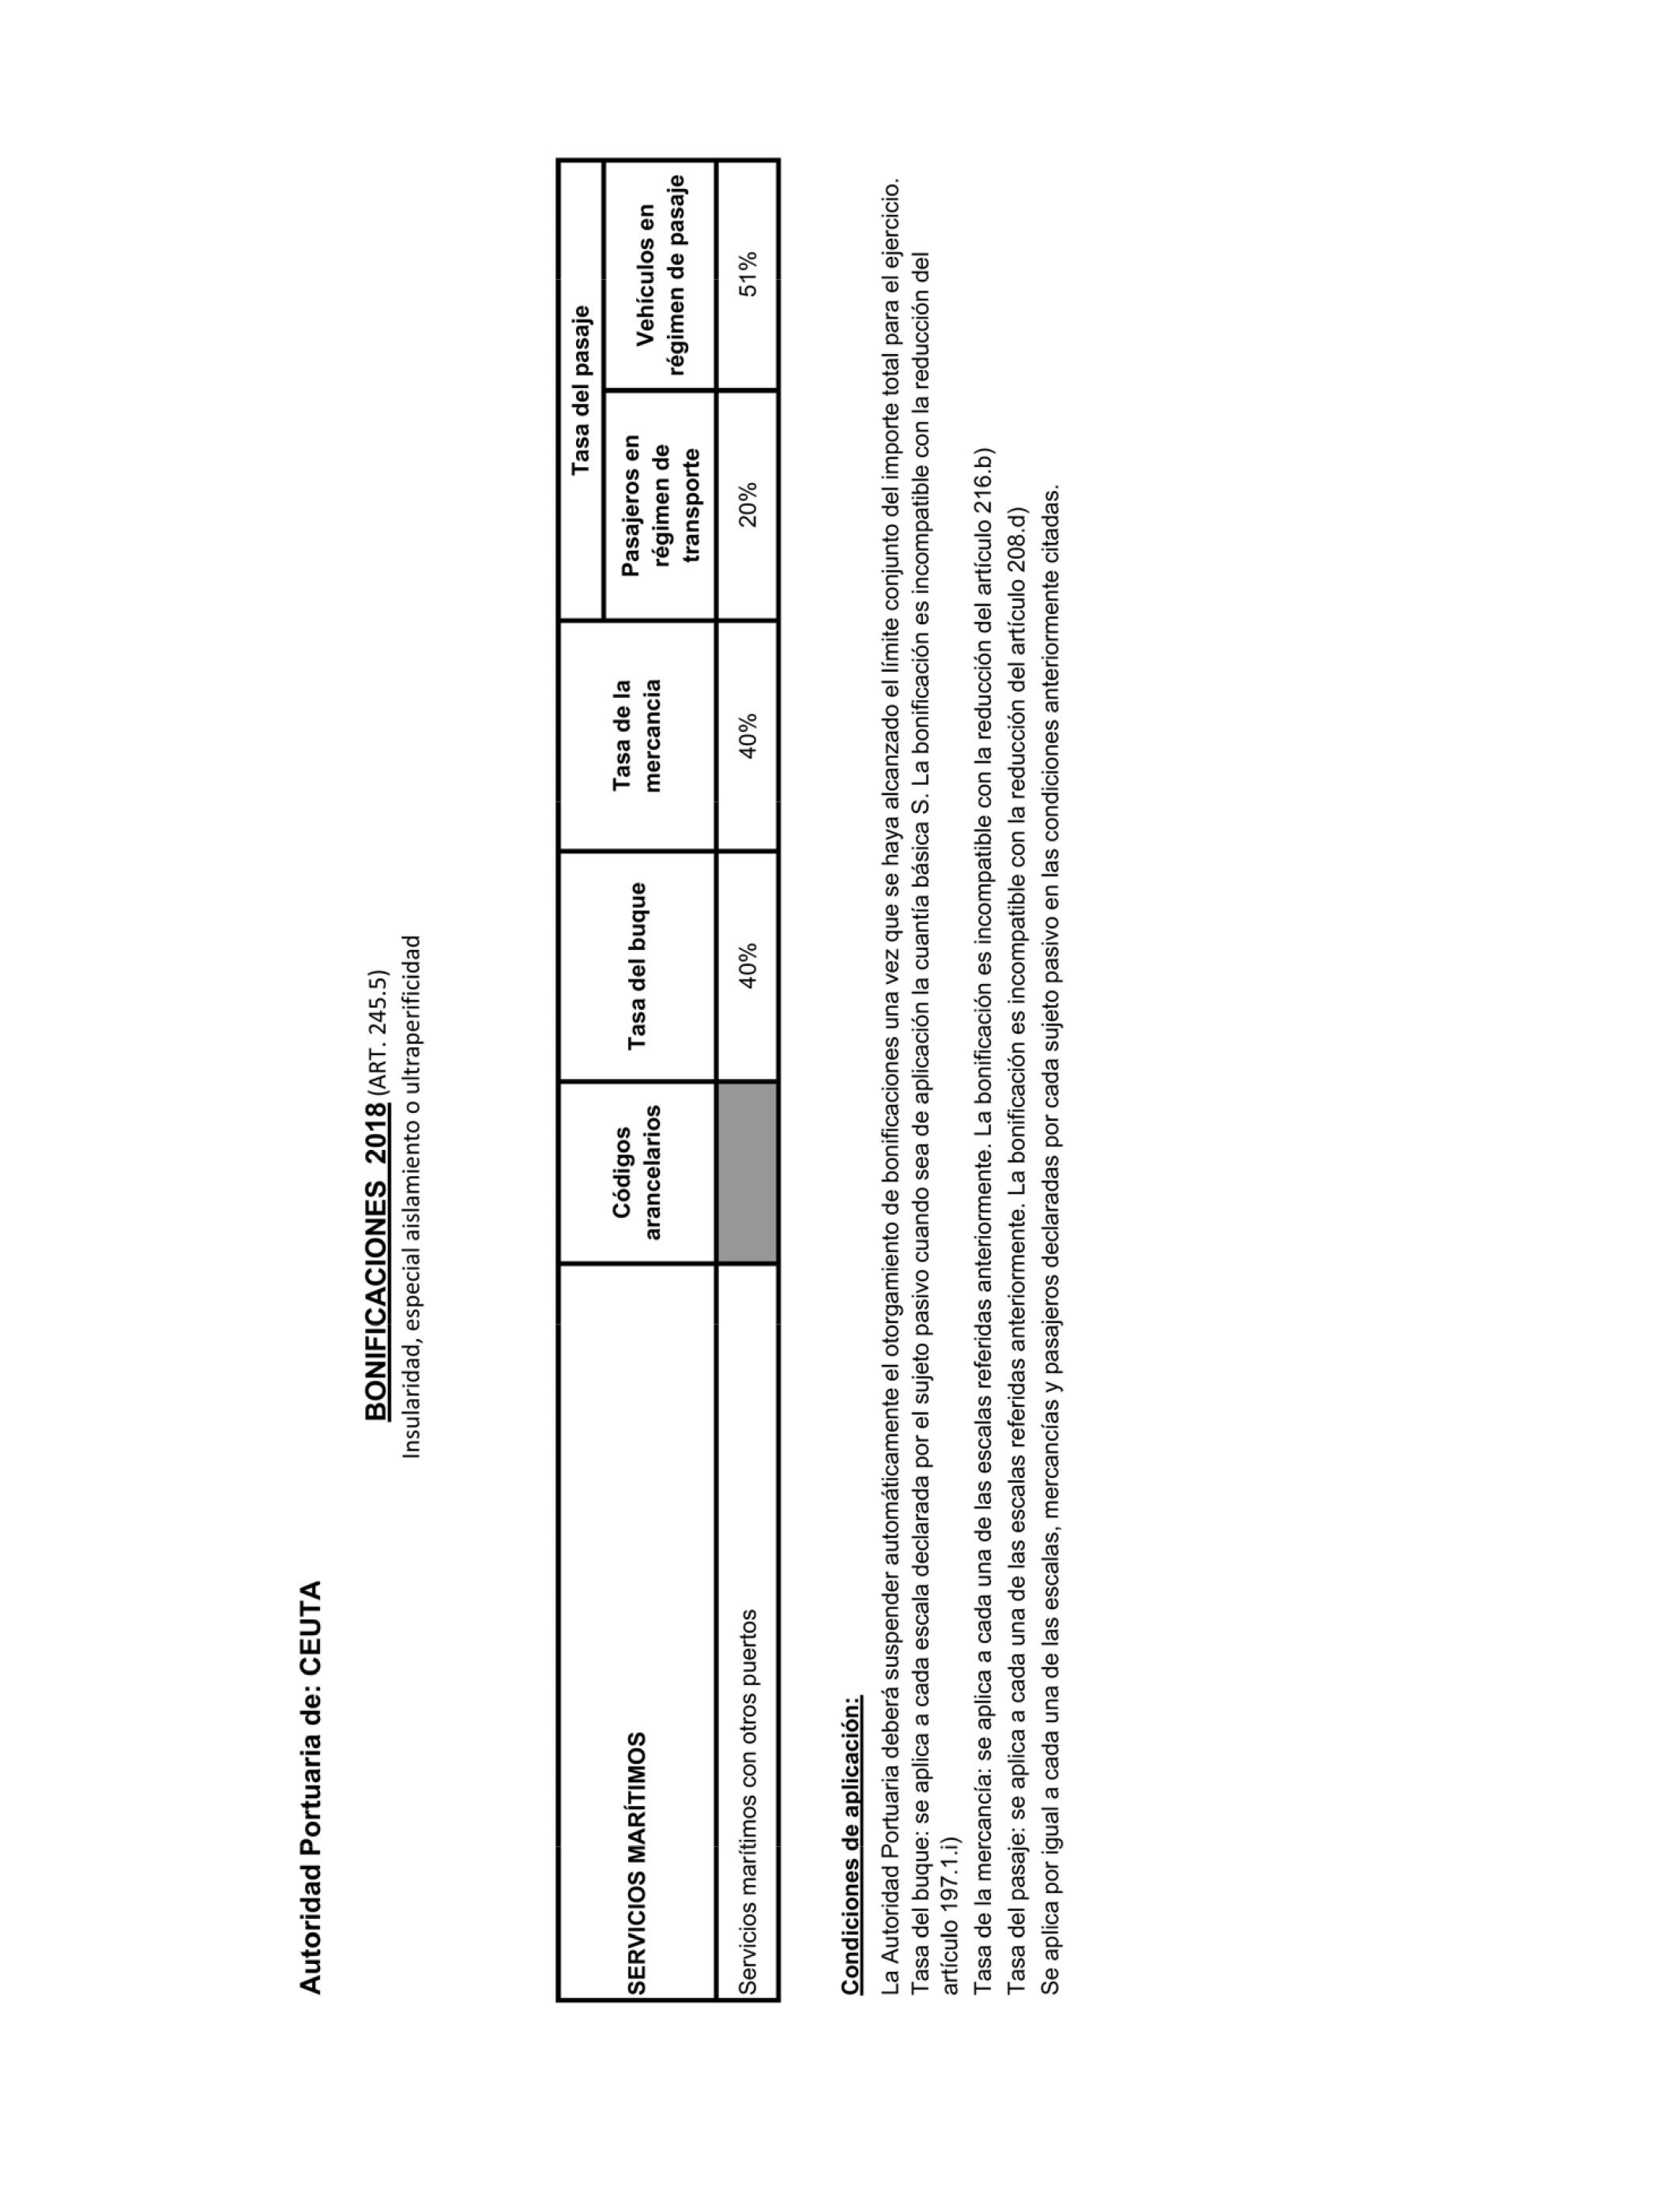 Calendario Escolar 2019 Illes Balears Actual Boe Documento Consolidado Boe A 2018 9268